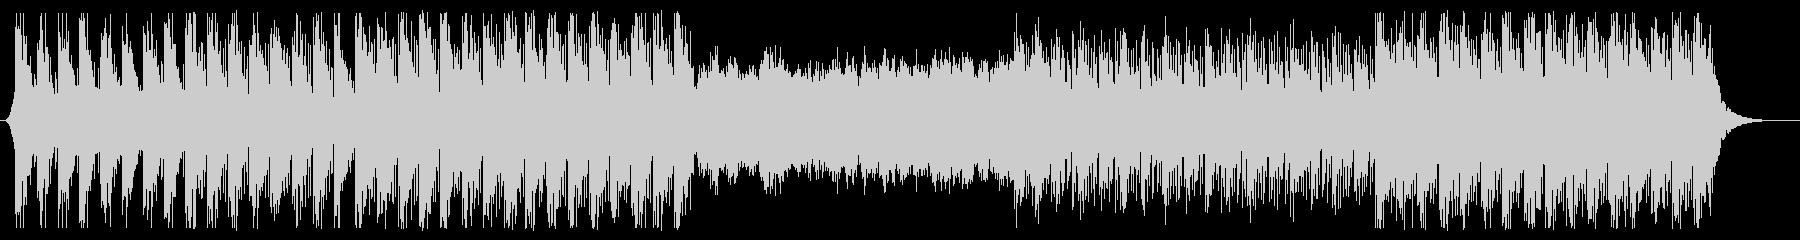 トークBGM向け、リラックス系エレクトロの未再生の波形